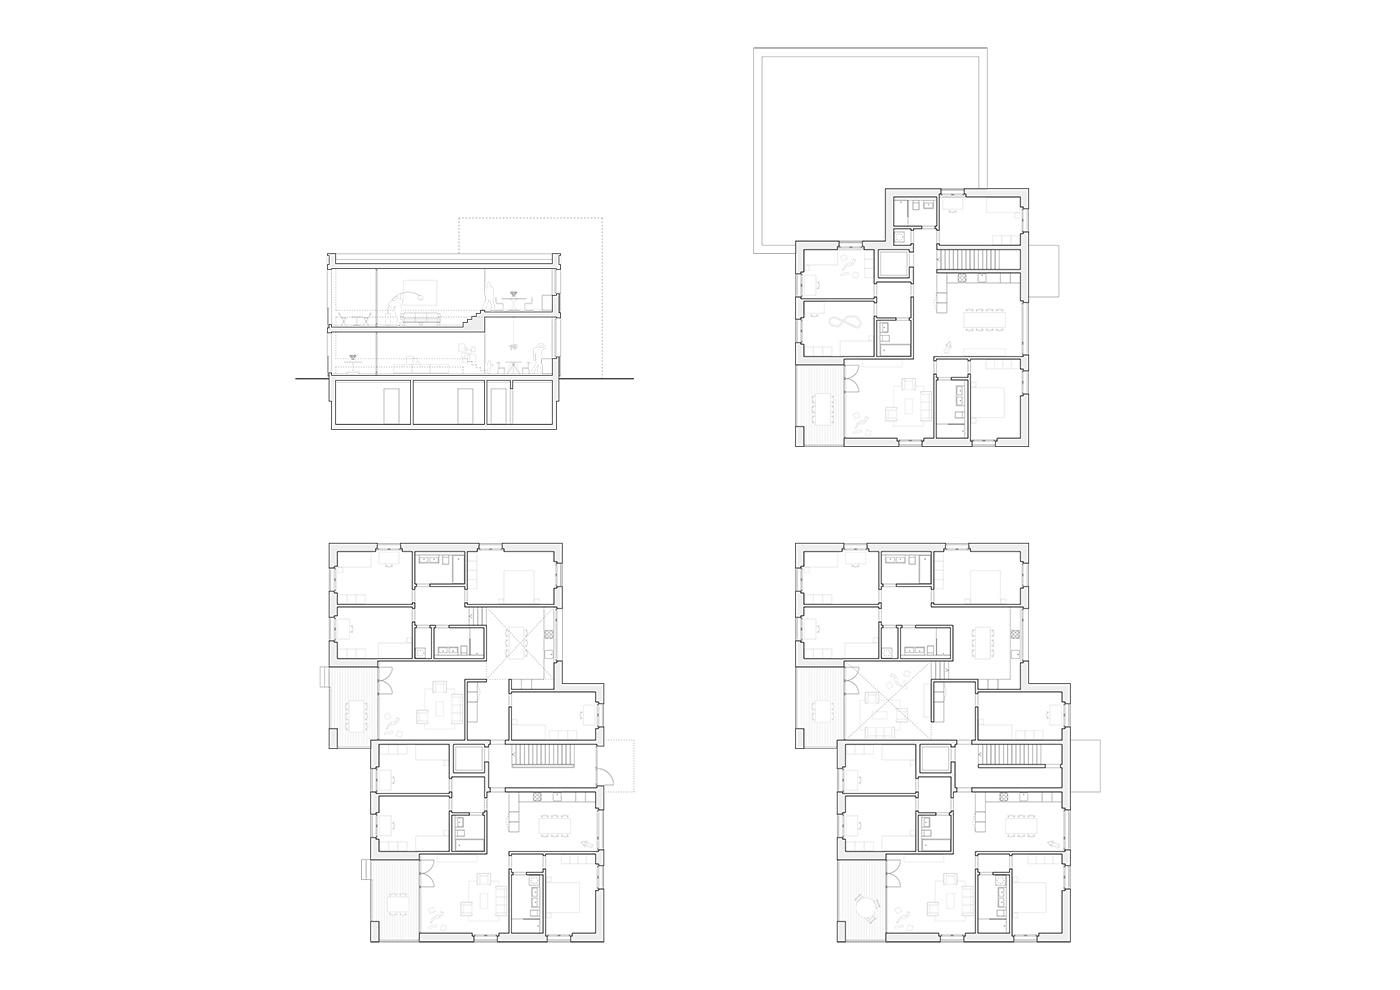 buan architekten – Studienauftrag Areal Schuetzenmatt Inwil – Grundrisse Haus A-D